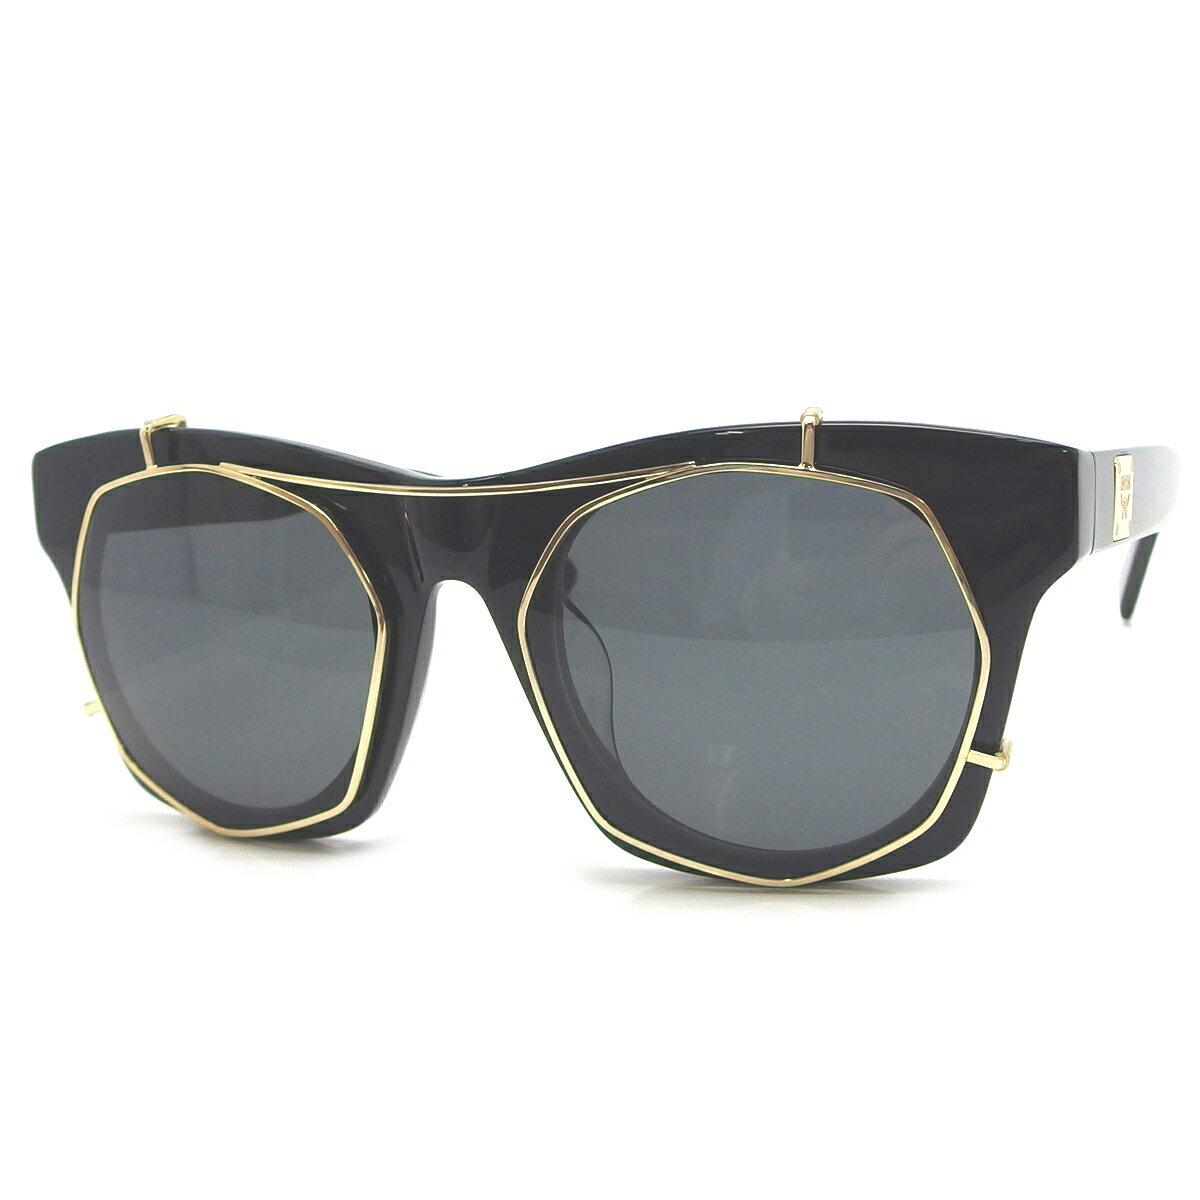 MCM エムシーエム MCM605SA サングラス プラスチック メタル ブラック 黒色 シャイニーゴールド 金色【大黒屋質店出品】【中古】【送料無料】